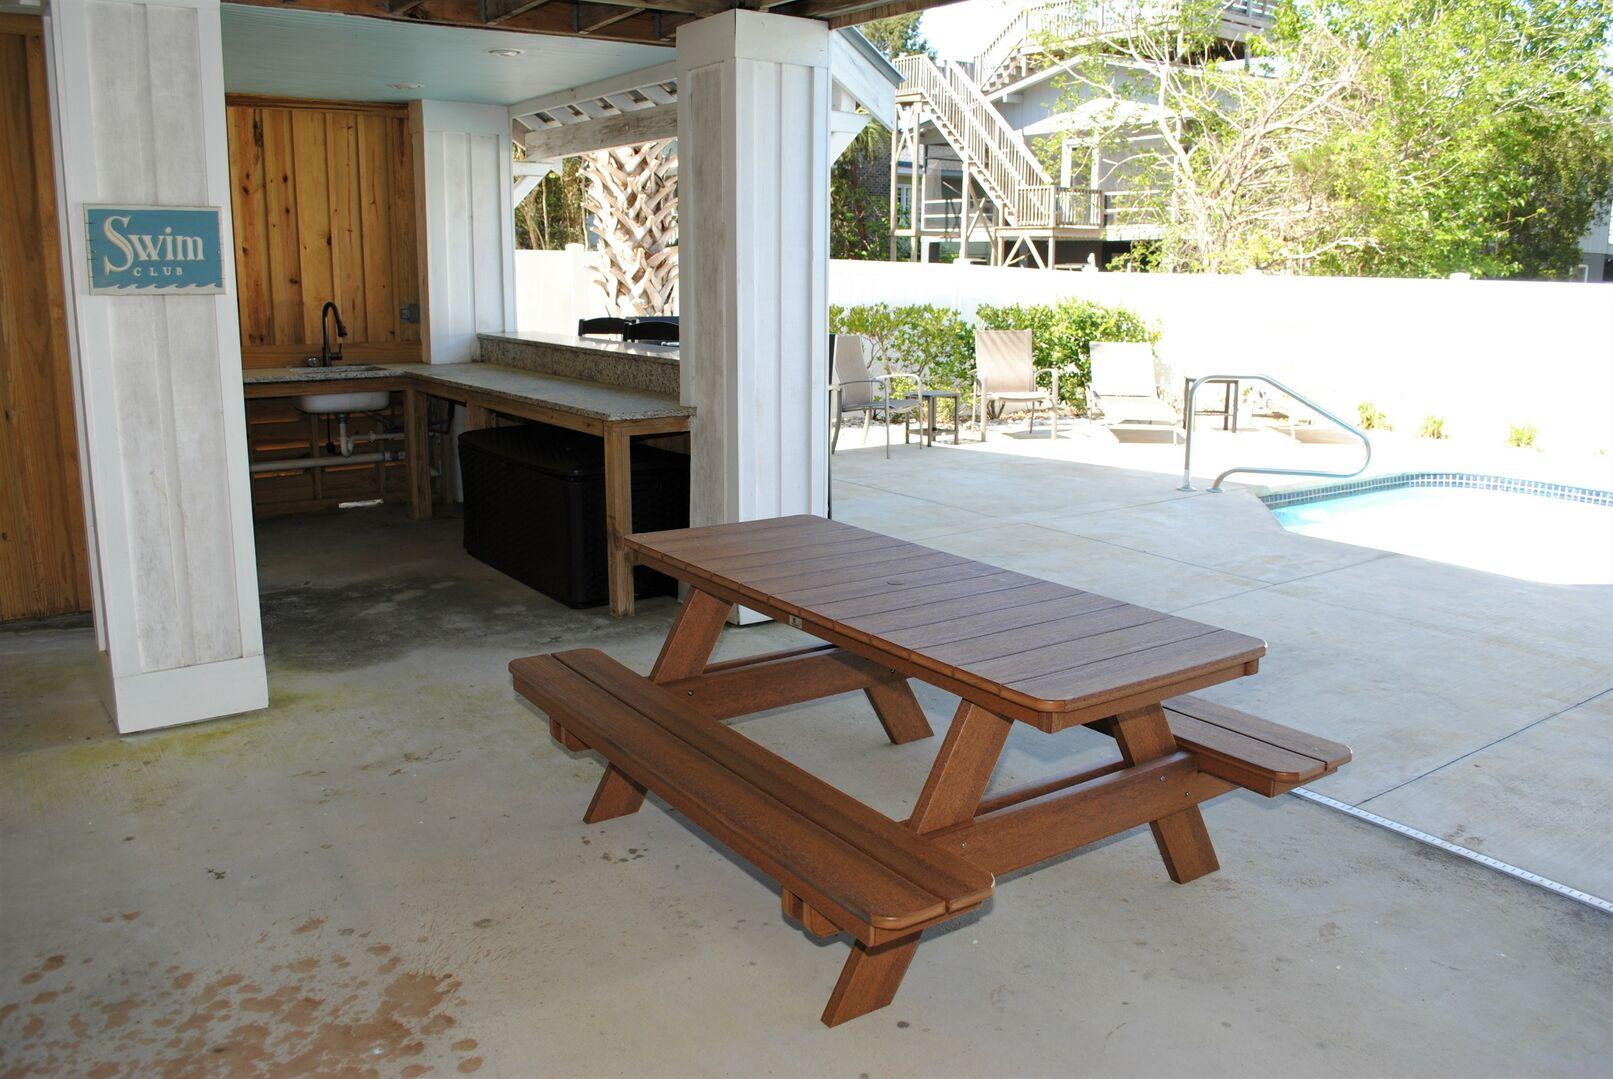 Tiki Bar and Picnic Table - Pool Side